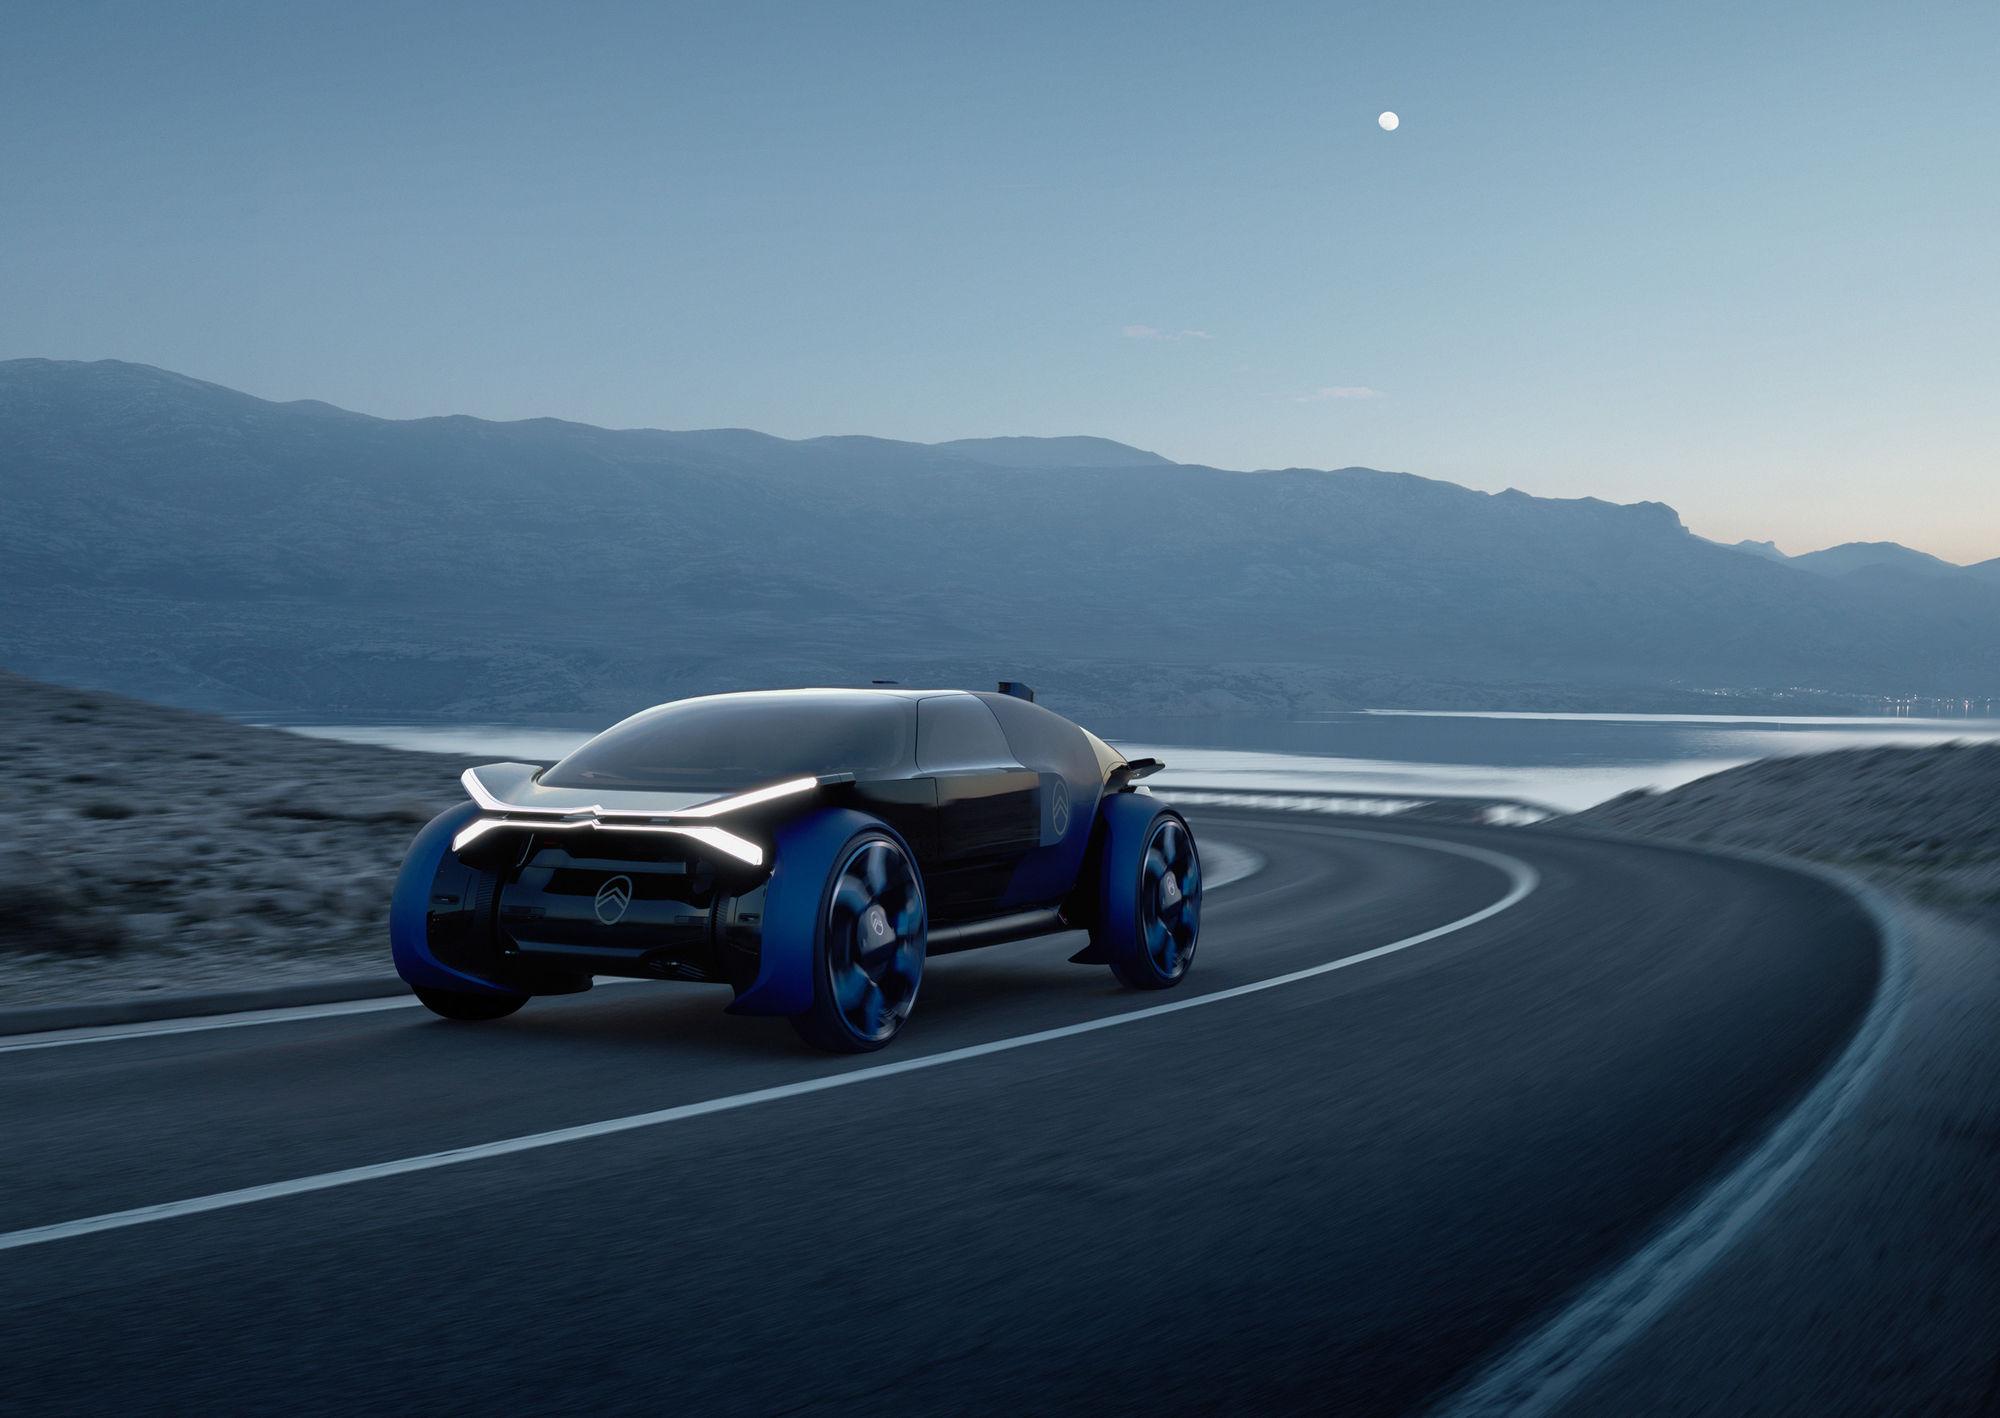 """SEVERIN WENDELER: """"Citroen Concept 2019"""" Photography by Sebastien Staub c/o Severin Wendeler for Citroen"""